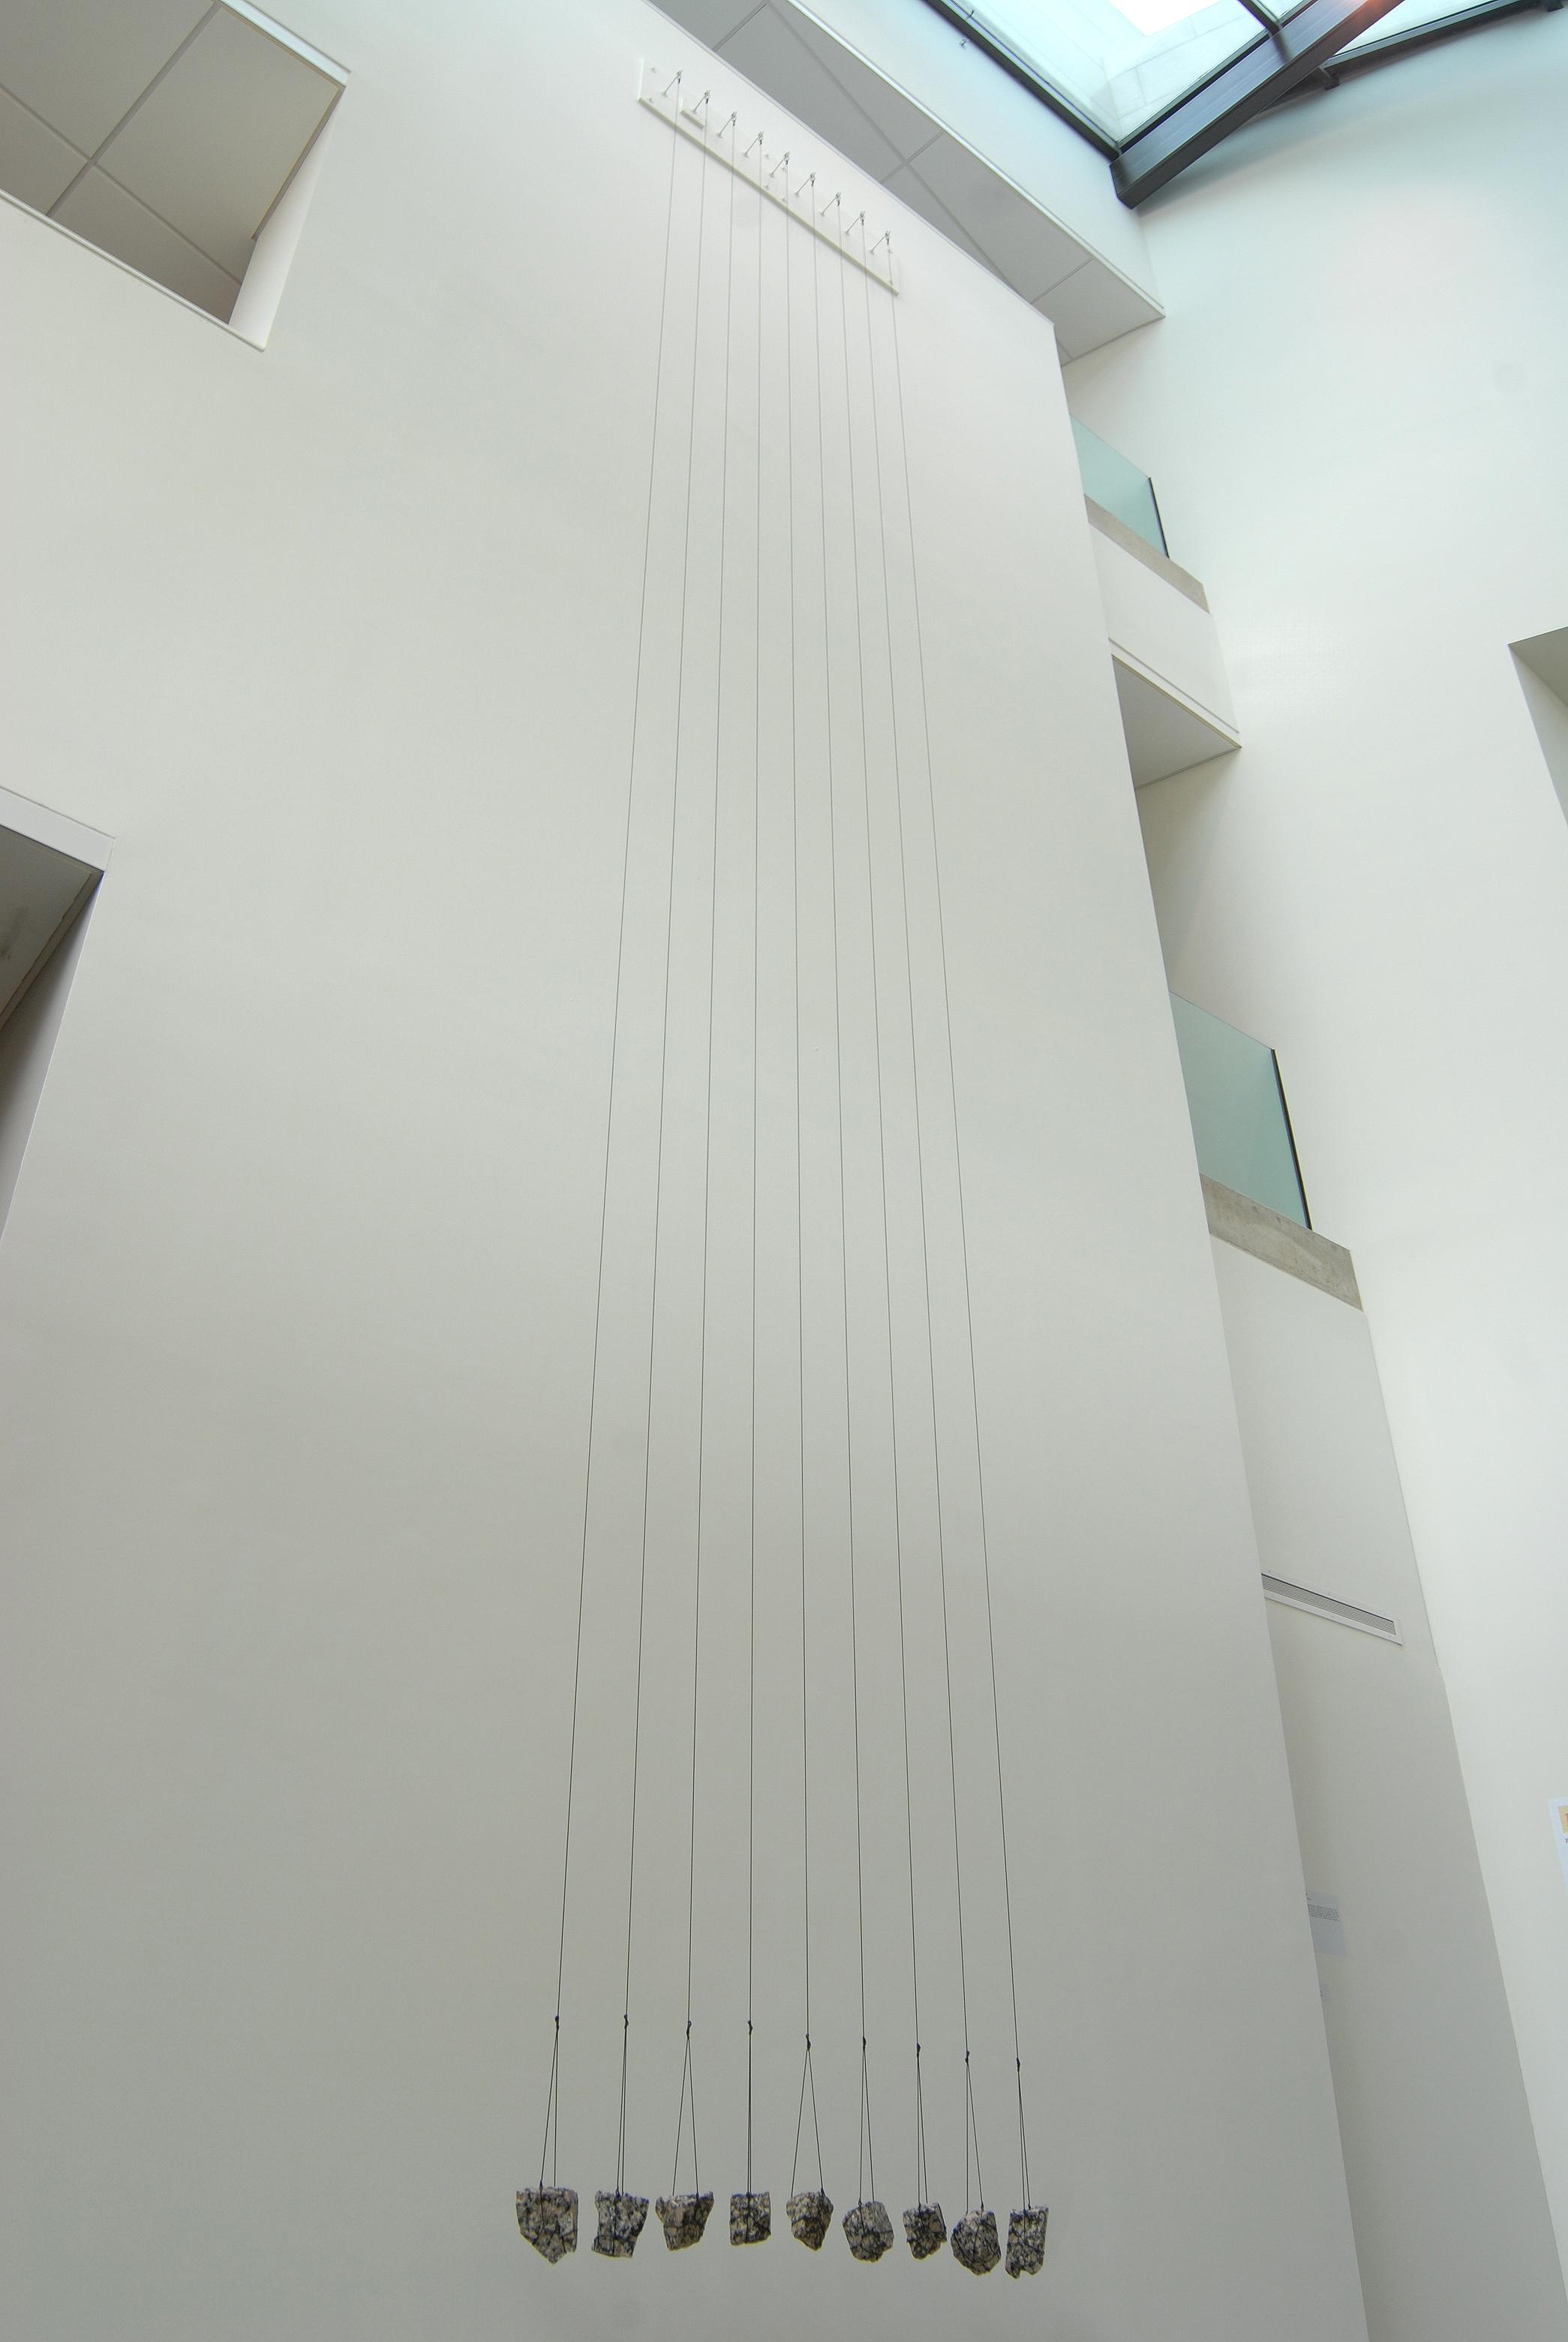 Score for Katzen Museum